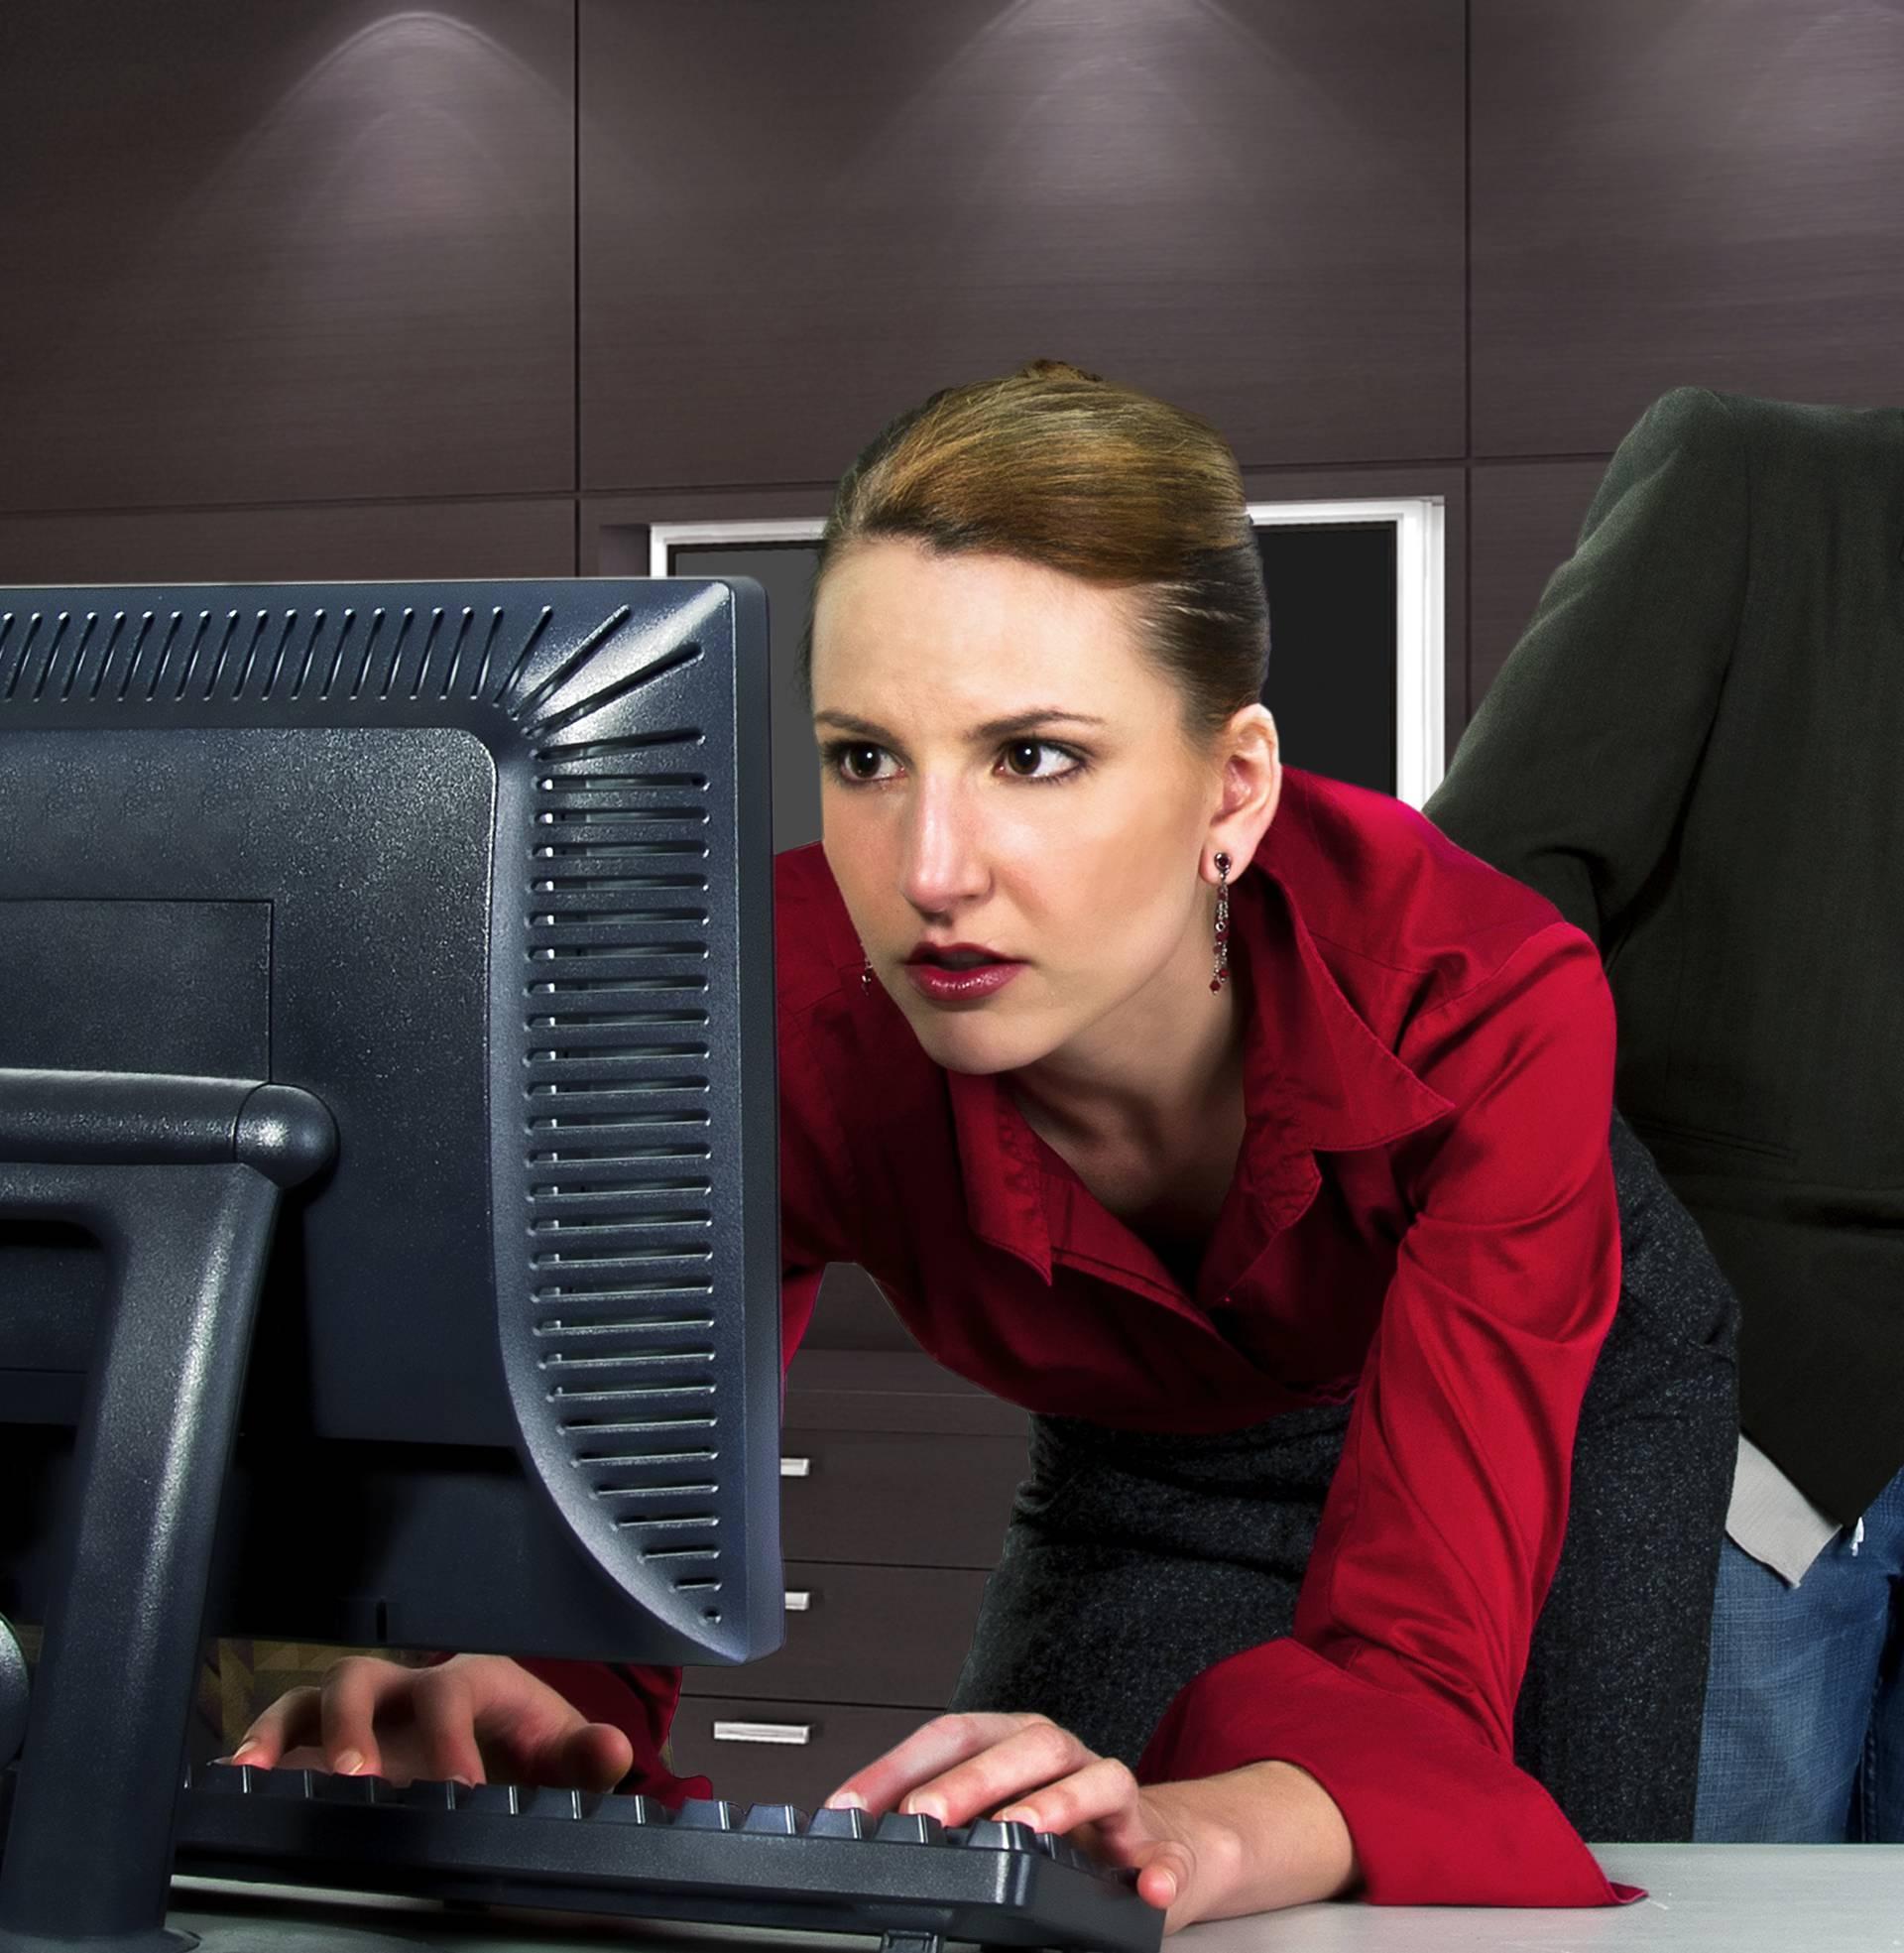 Muškarci su skloniji sabotirati svoju konkurenciju nego žene